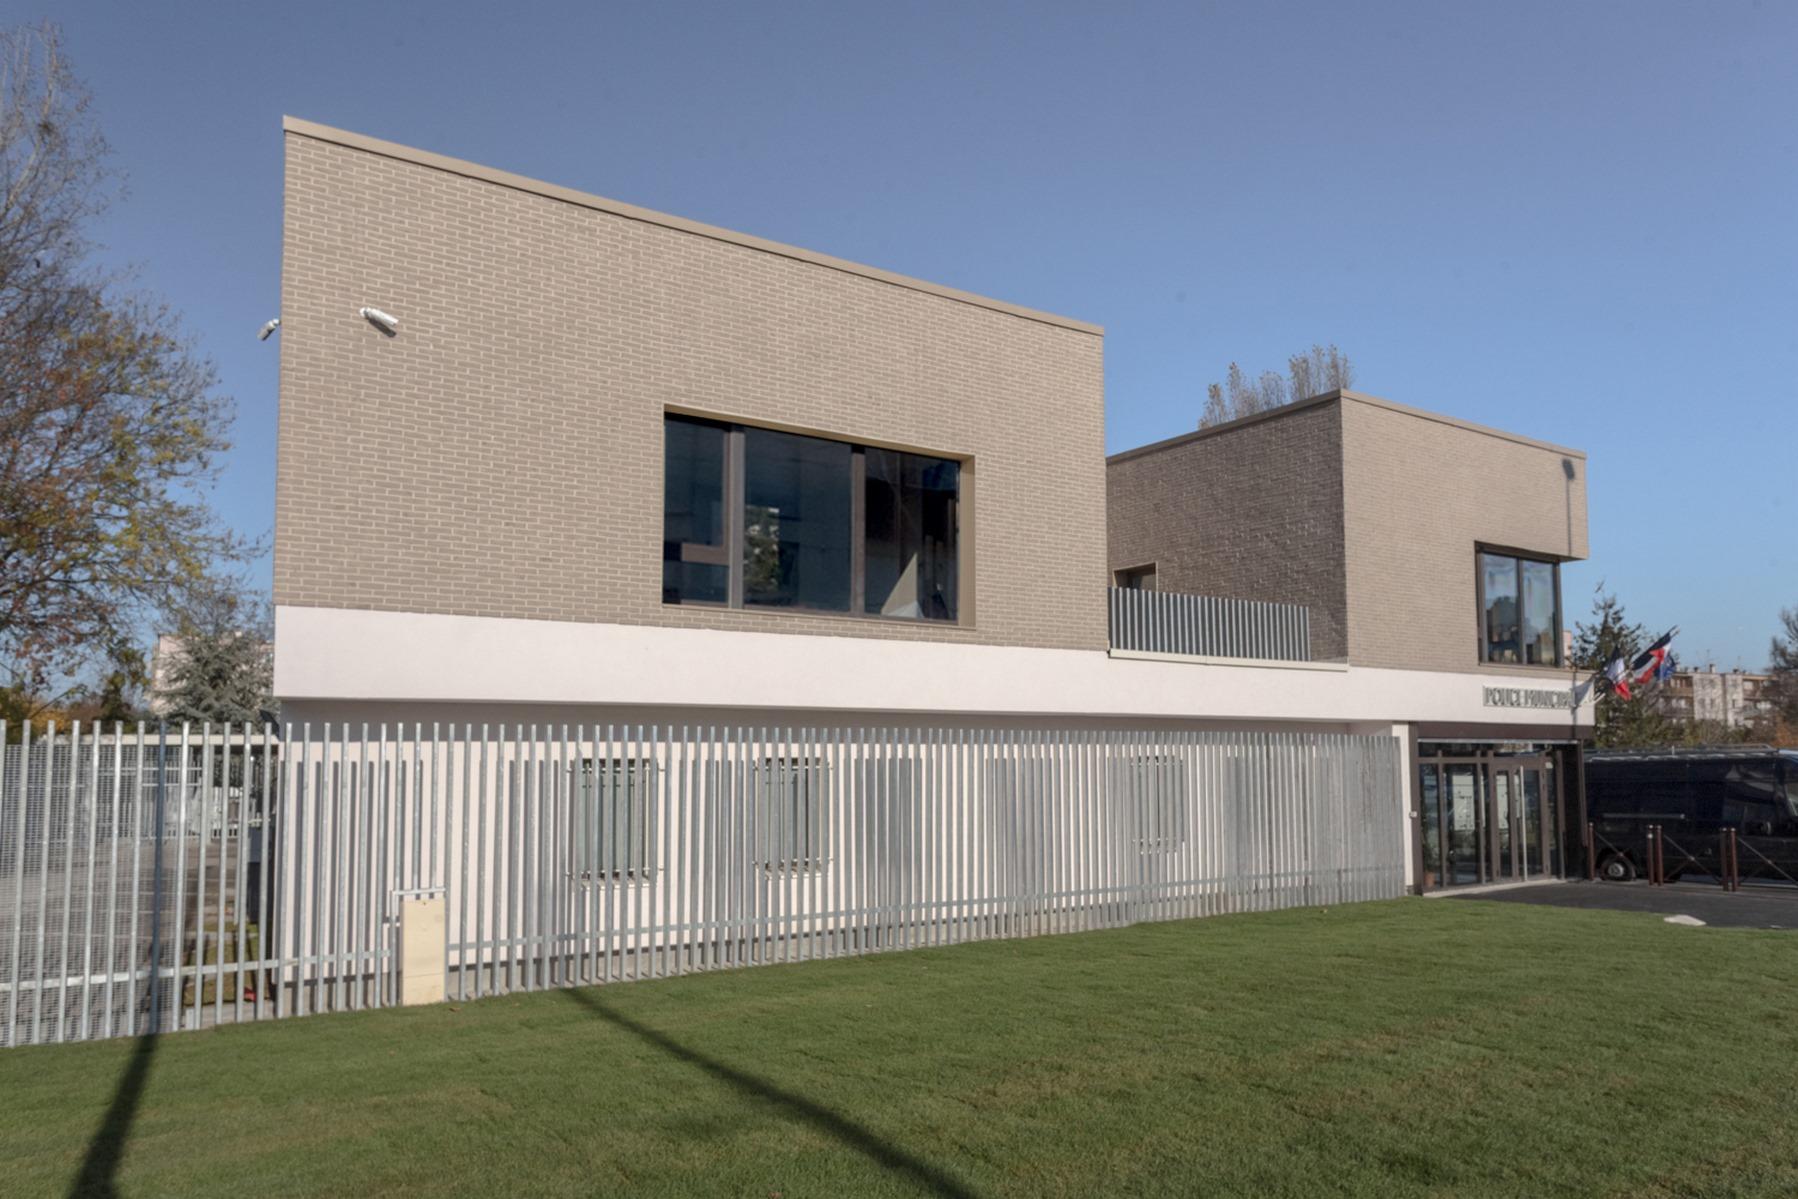 Poste de Police Municipale - Villepinte - Z Architecture - façade